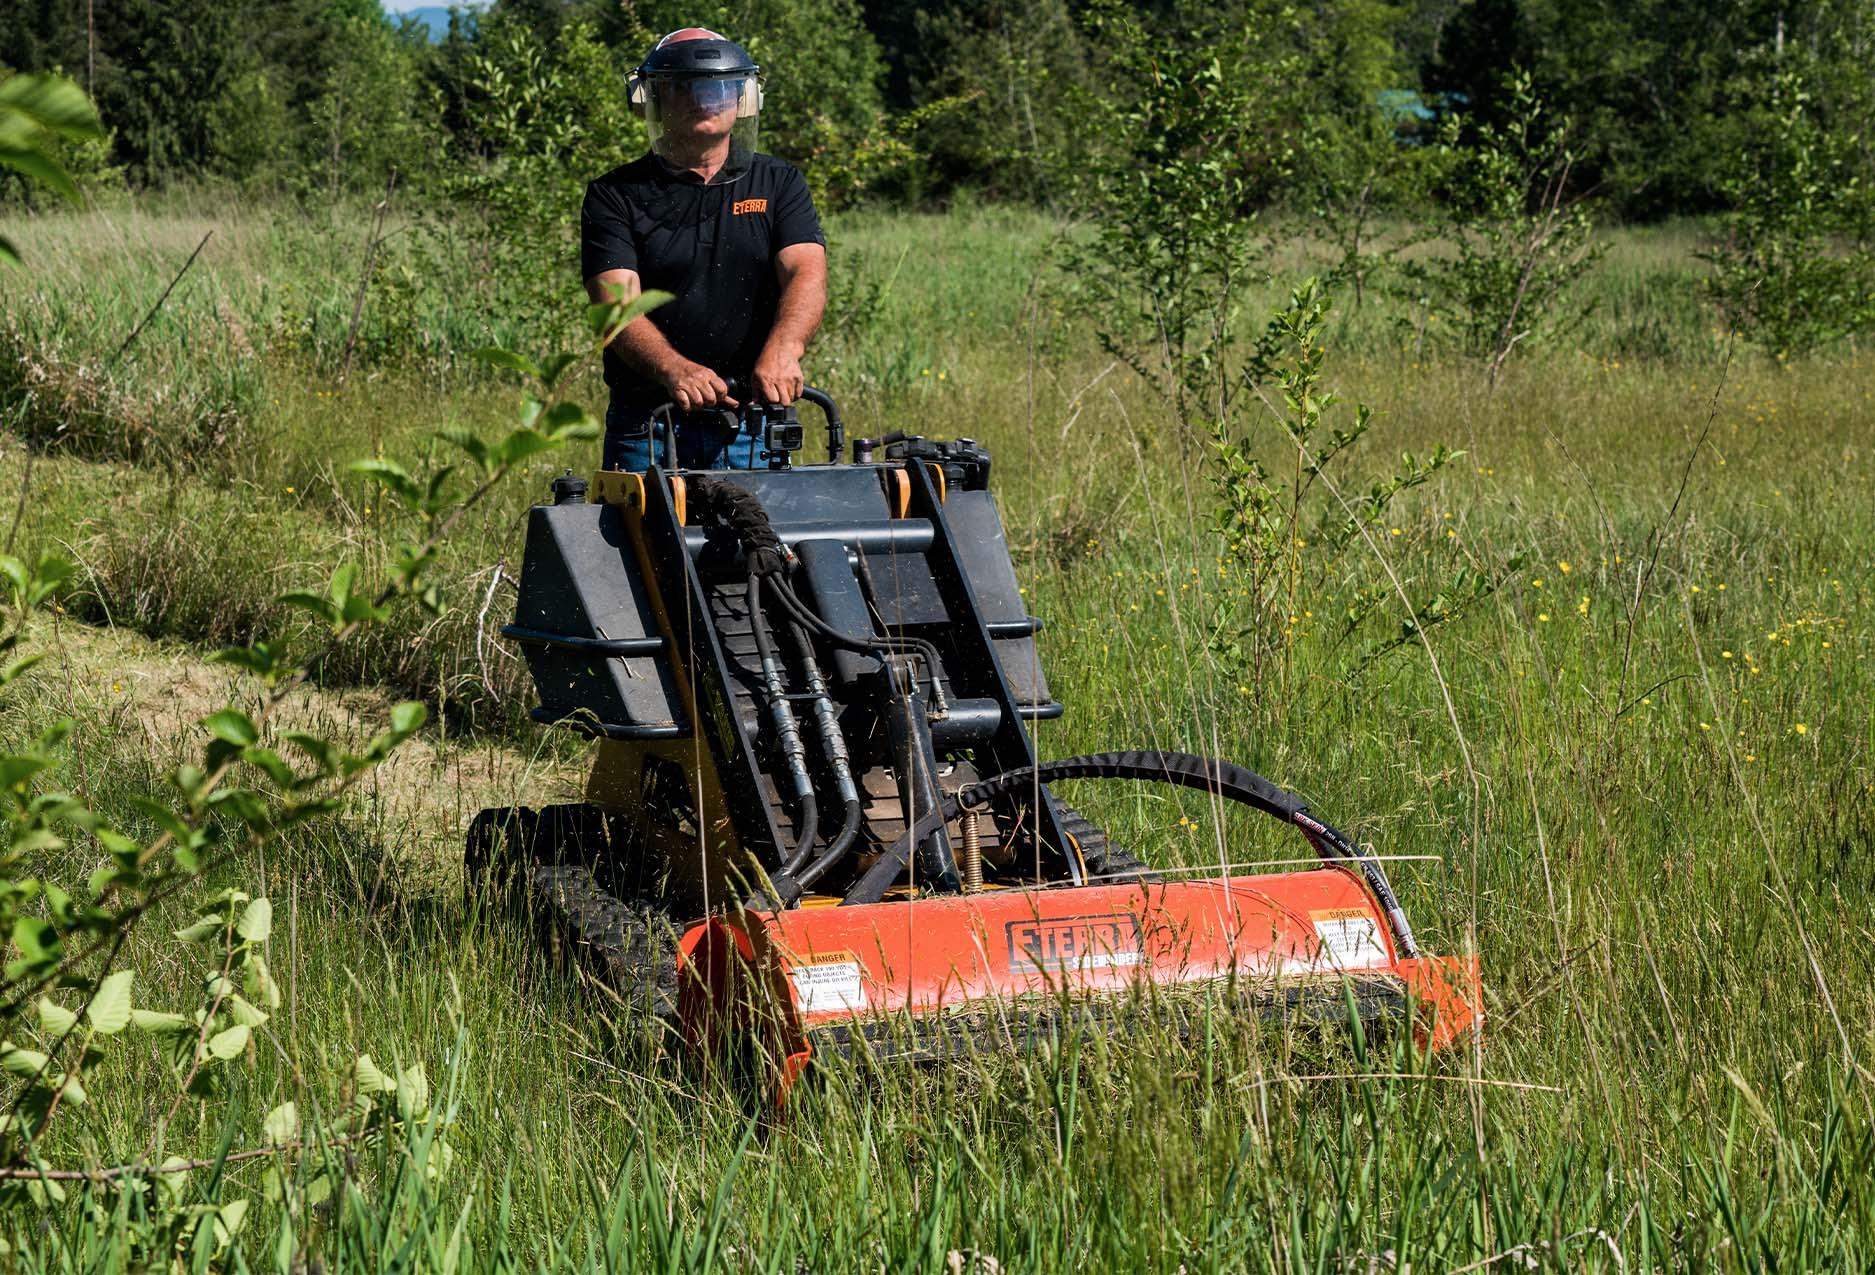 Eterra Sidewinder Skid Steer flail mower on mini field mowing mowing